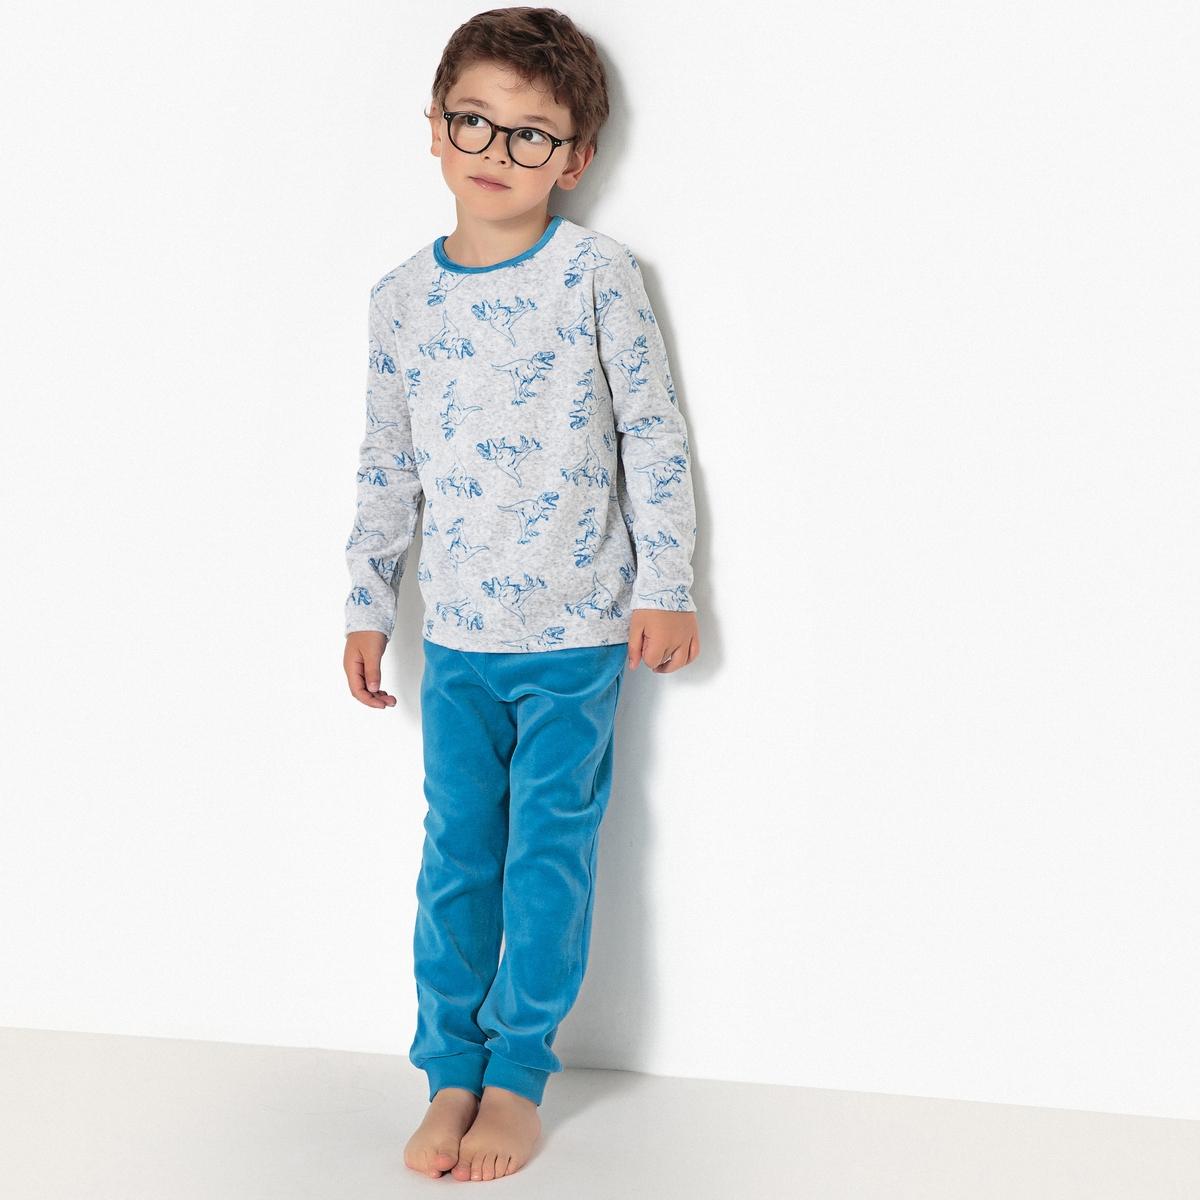 Пижама из велюра с рисунком динозавры, 3-12 лет пижама с шортами с рисунком